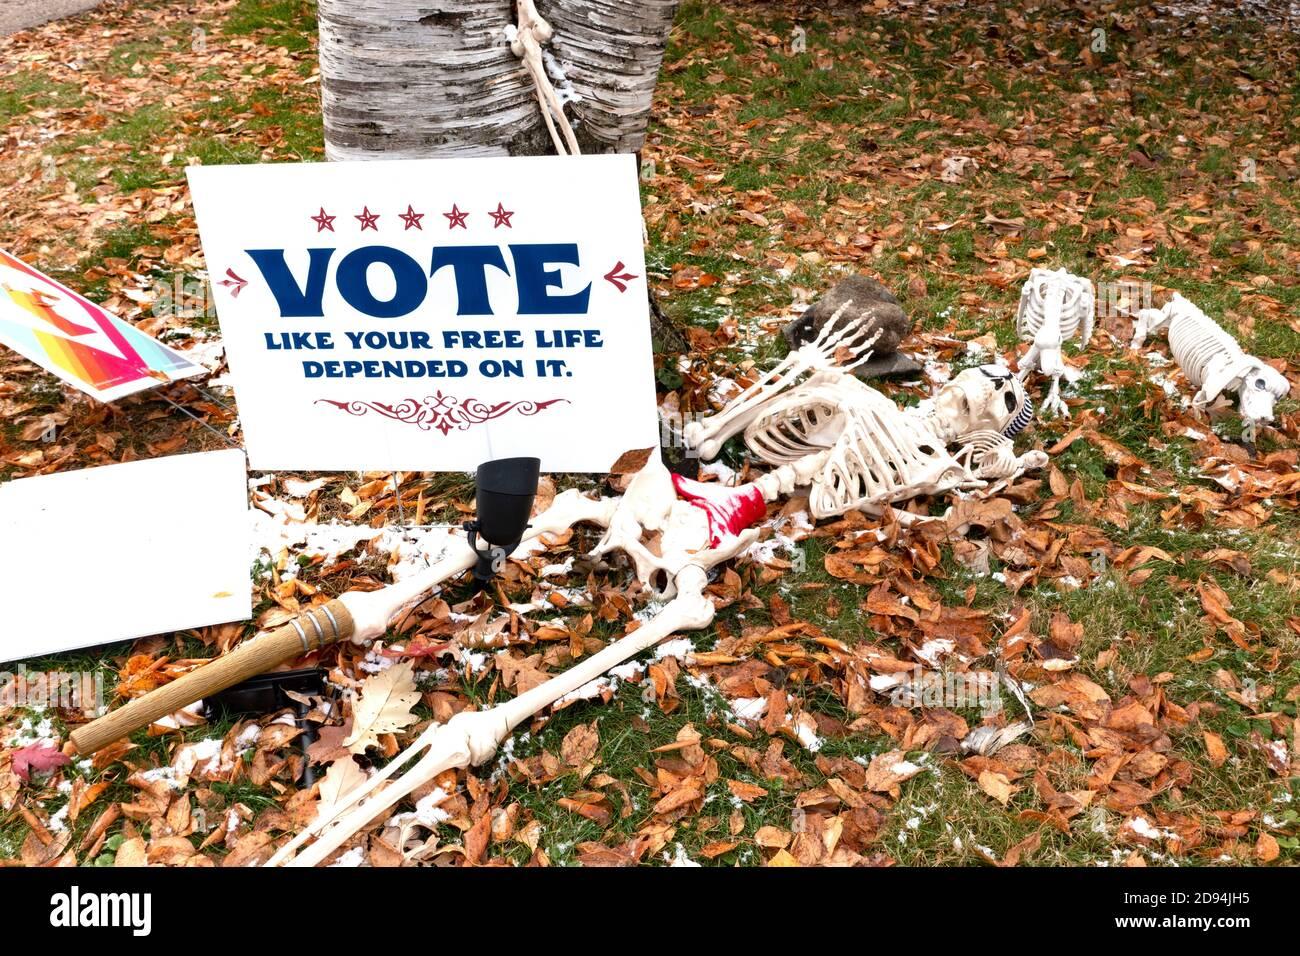 Squelette réduit avec signe de vote. St Paul Minnesota MN États-Unis Banque D'Images